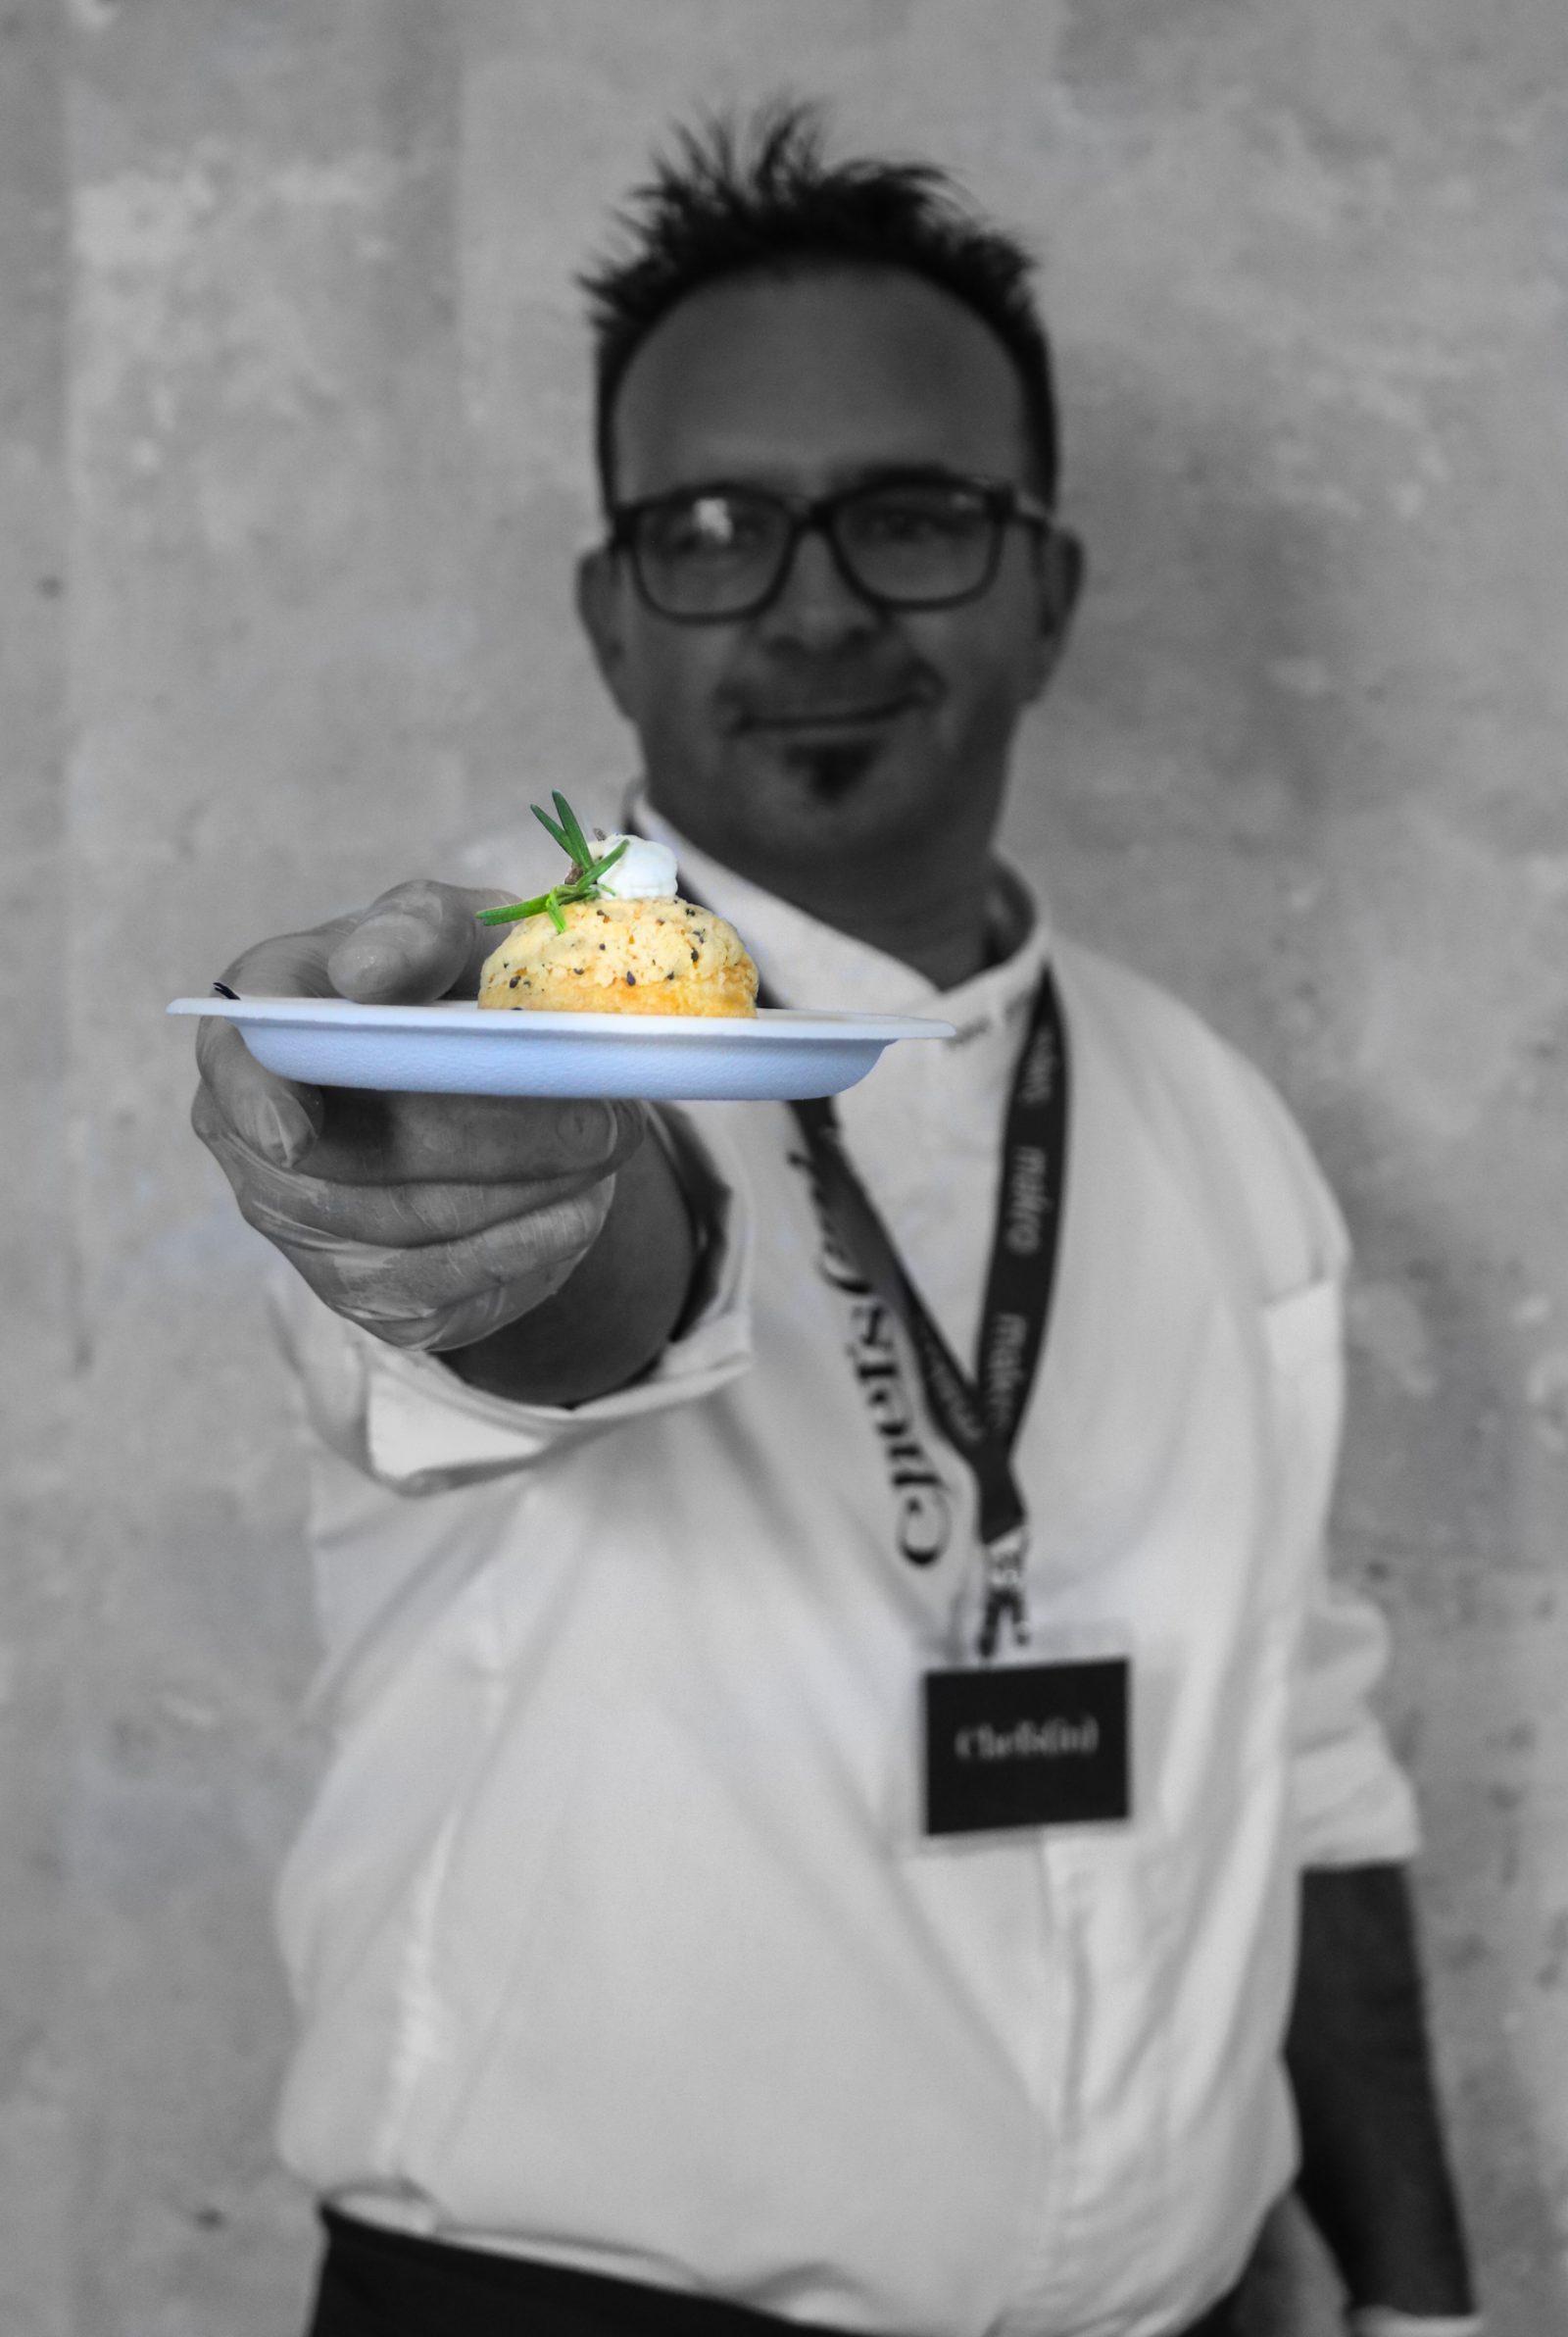 Patrick James Peccata Minuta Menorca 2017 - Chefsin